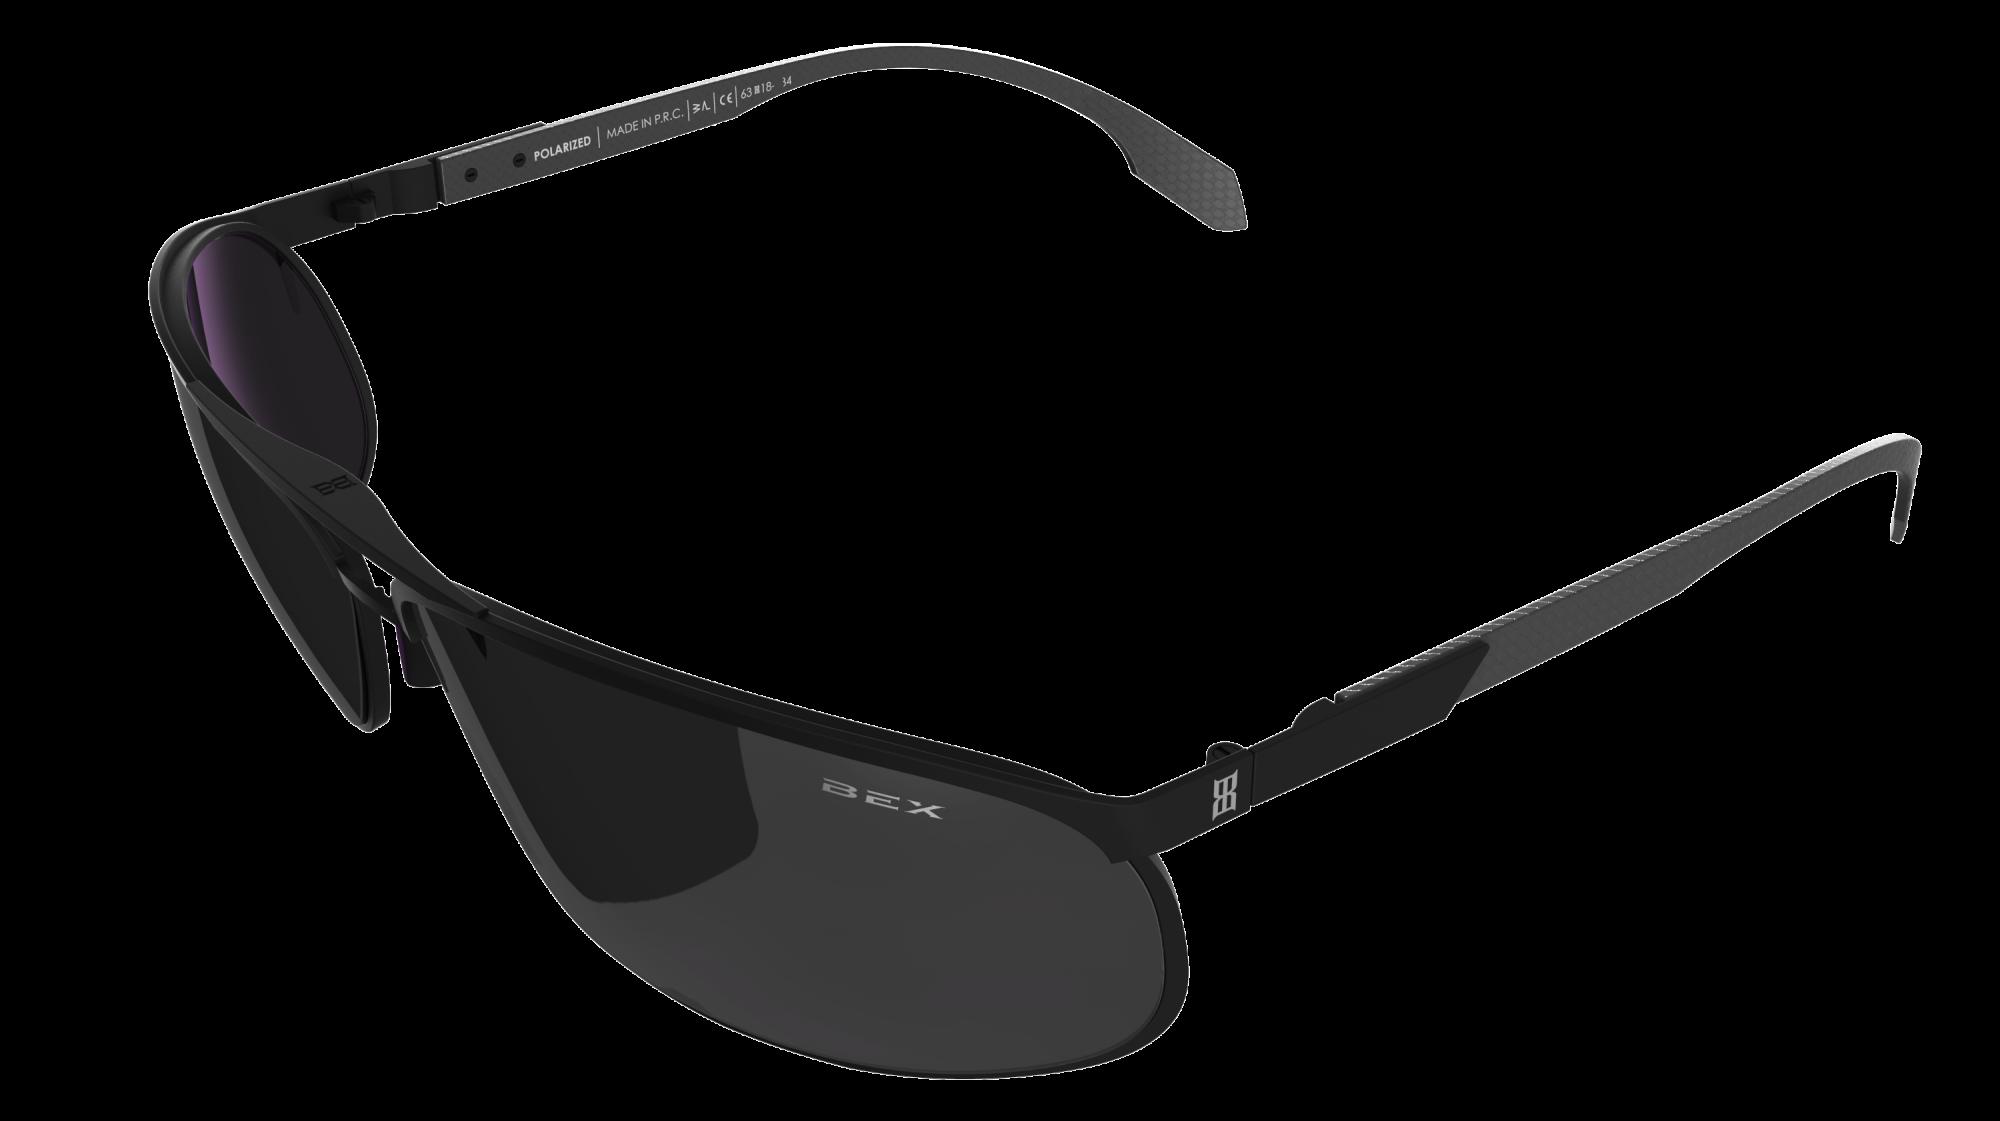 Shuyk X Sunglasses from BEX